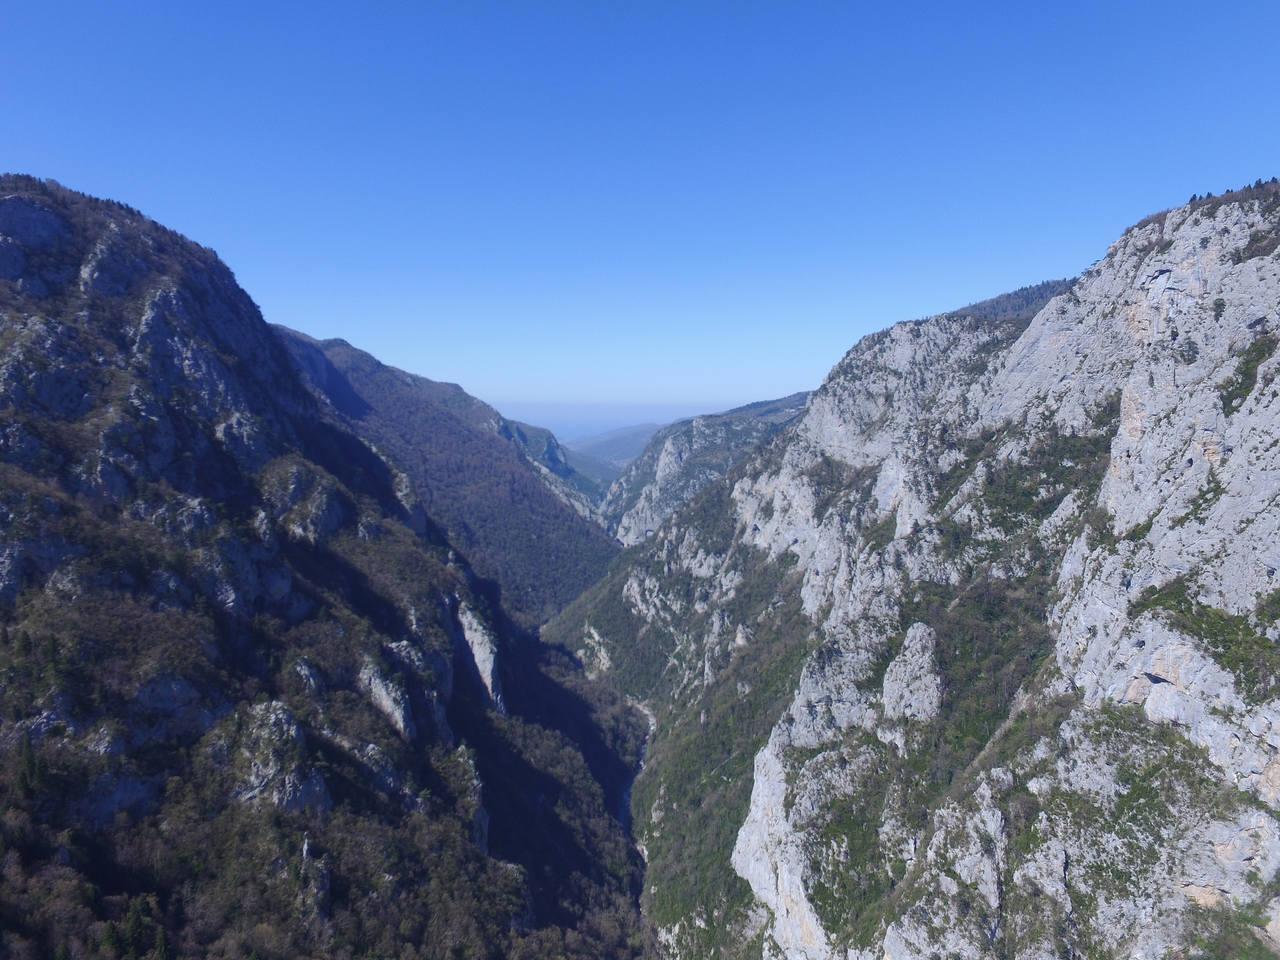 şehriban kanyonu'nun havadan çekilmiş doğa manzaraları